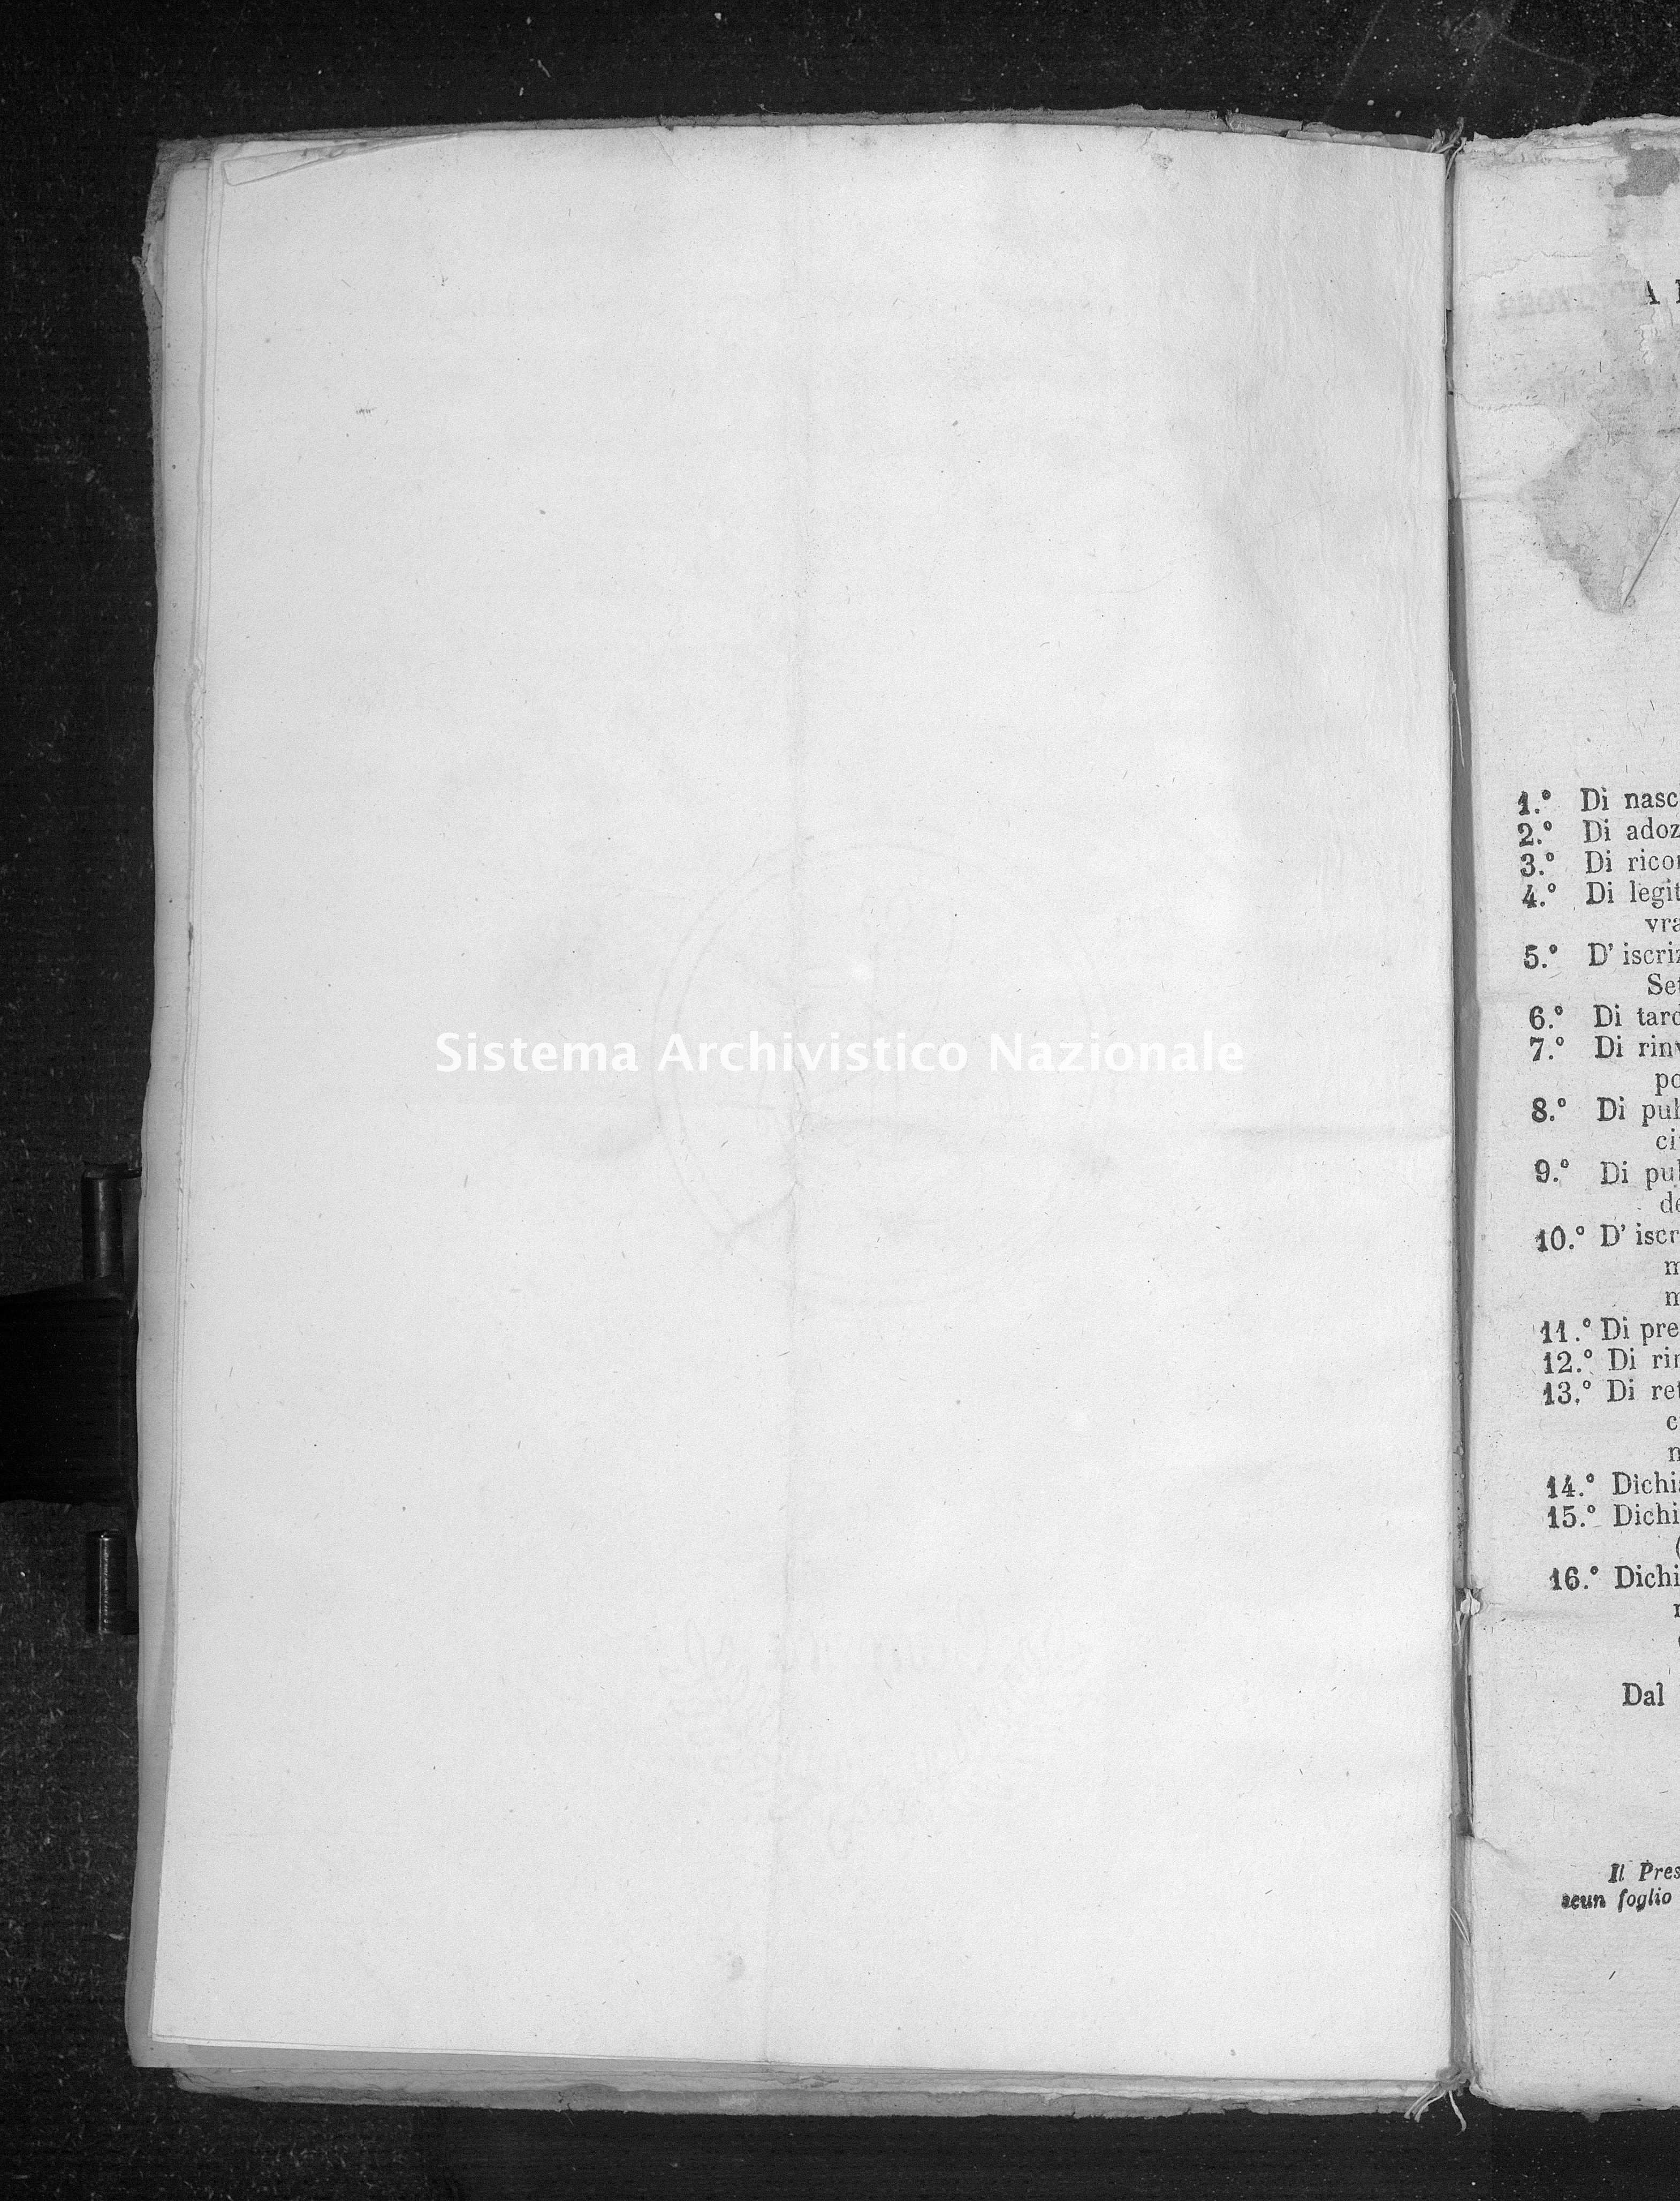 Archivio di stato di Taranto - Atti dello Stato Civile del Distretto giudiziario di Taranto - Martina Franca - Diversi - 1864 - 3 -